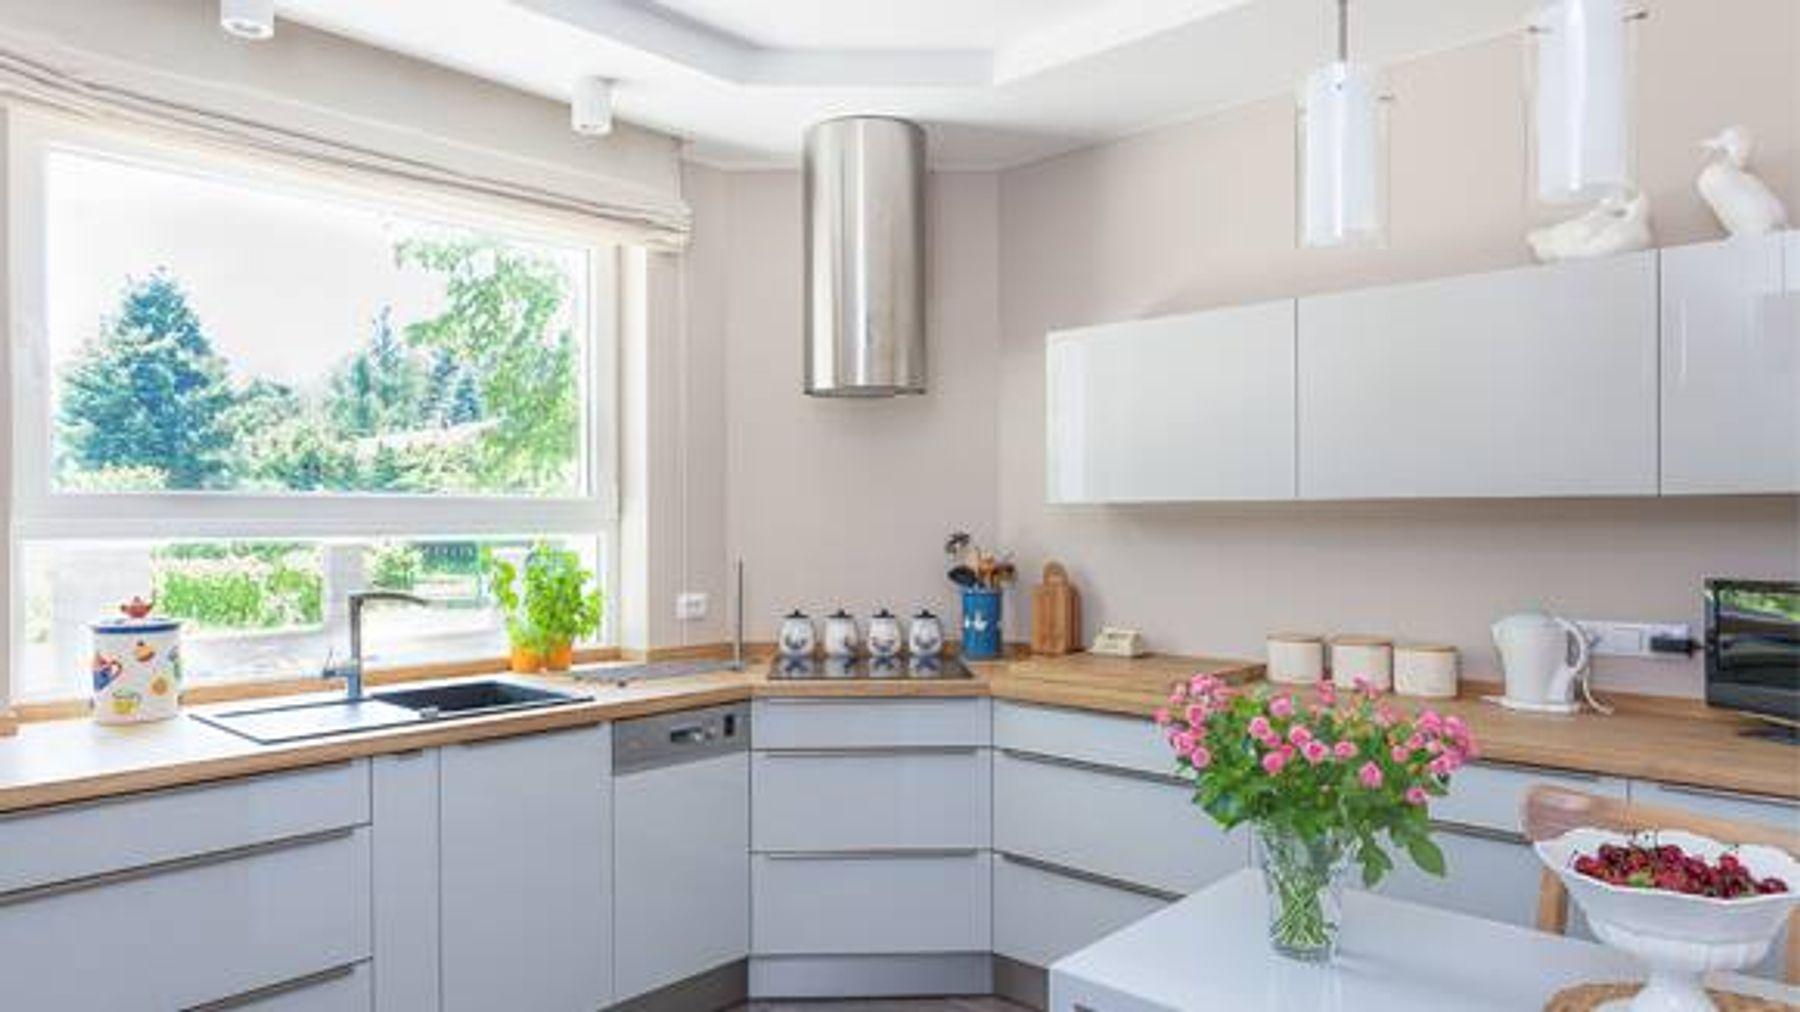 Trang trí nhà bếp bằng hoa